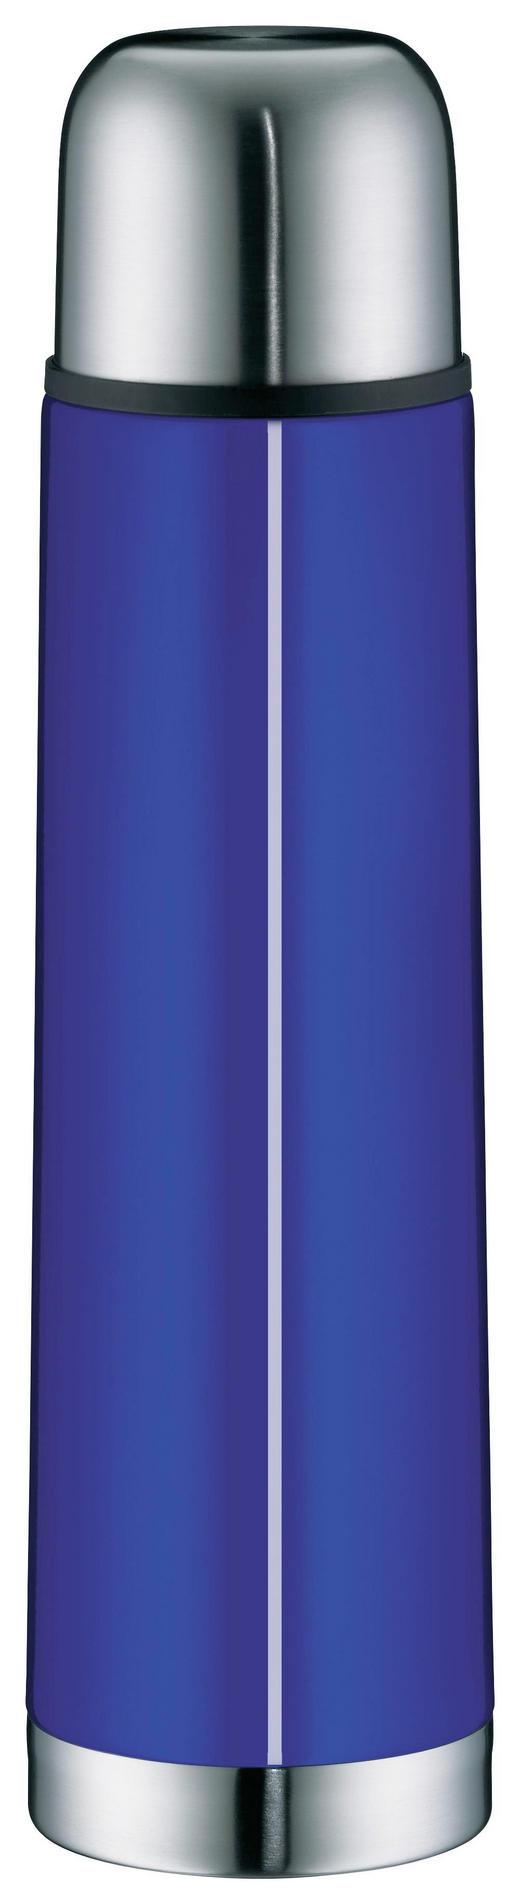 ISOLIERFLASCHE 0,75 L - Blau, Basics, Metall (0,75l) - Alfi